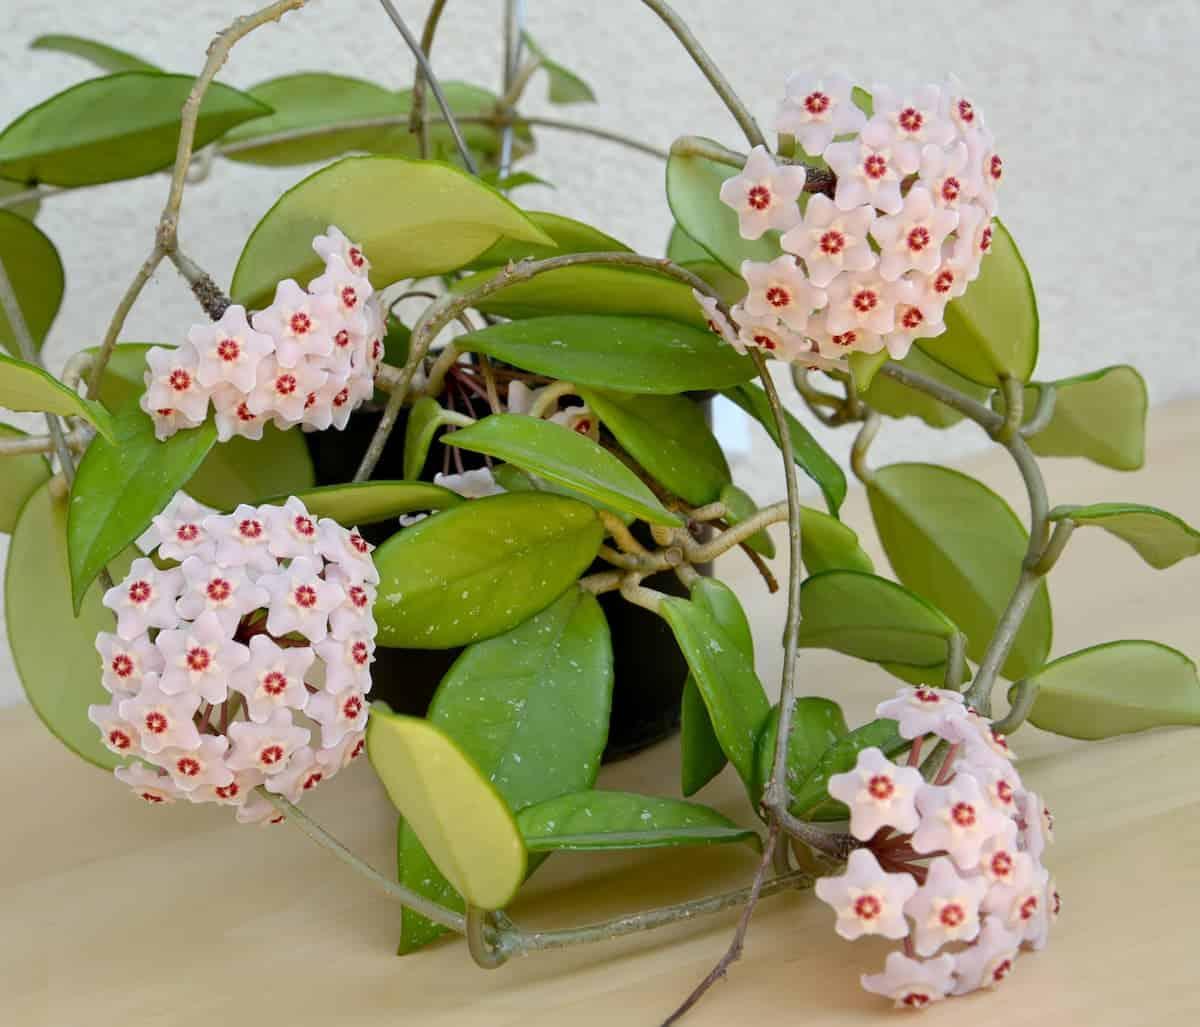 Mum Çiçeği (Hoya) Bakımı ve Çoğaltılması